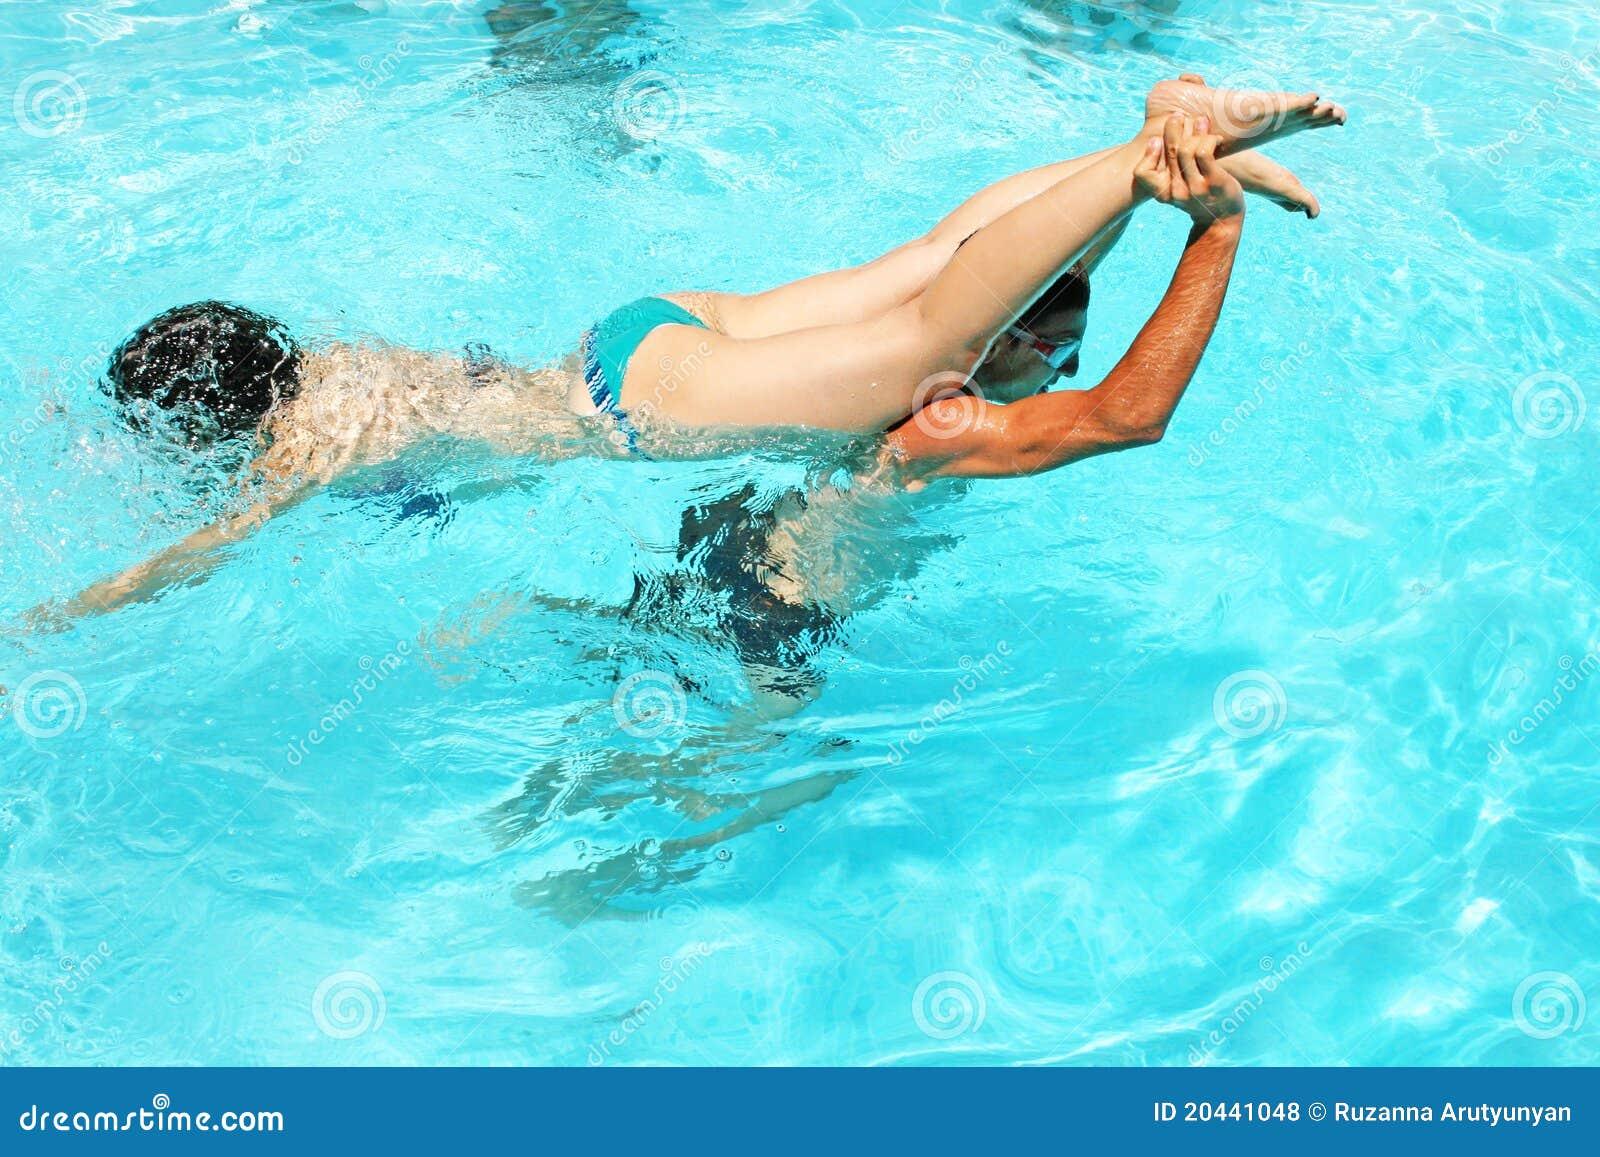 Фото парней в басейне 20 фотография